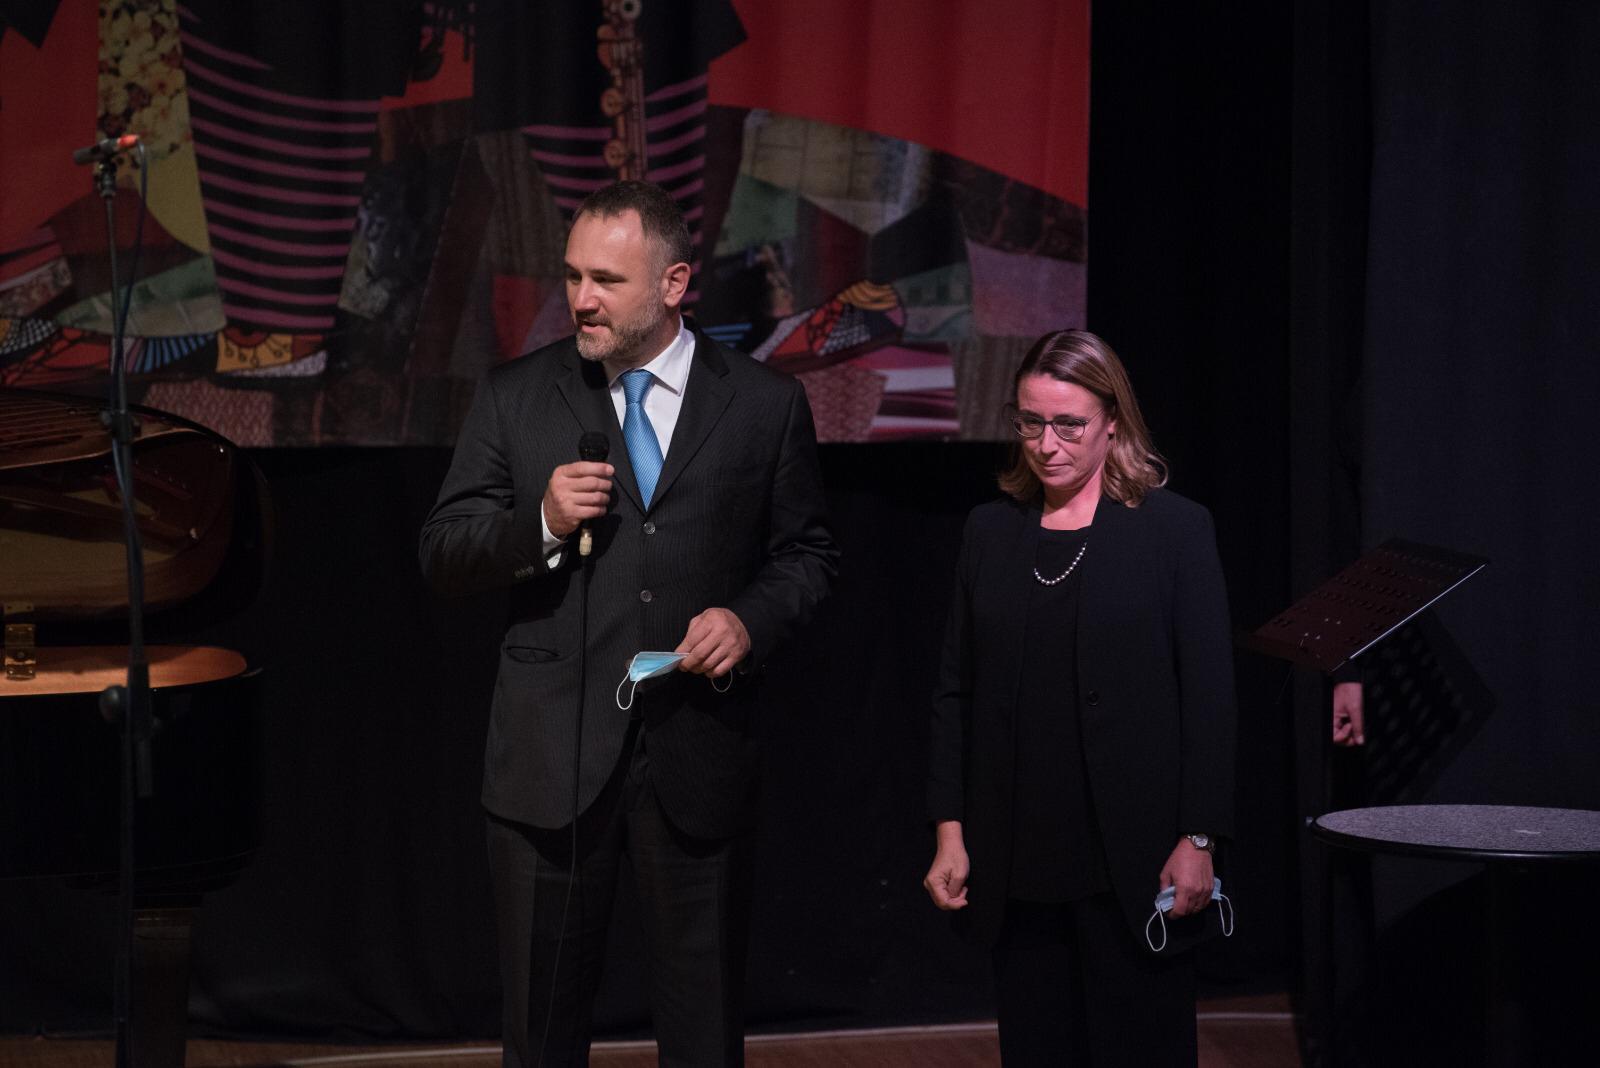 Zoran Boras e Francesca Negrini del Laboratorio delle Lingue, Main sponsor dell'evento